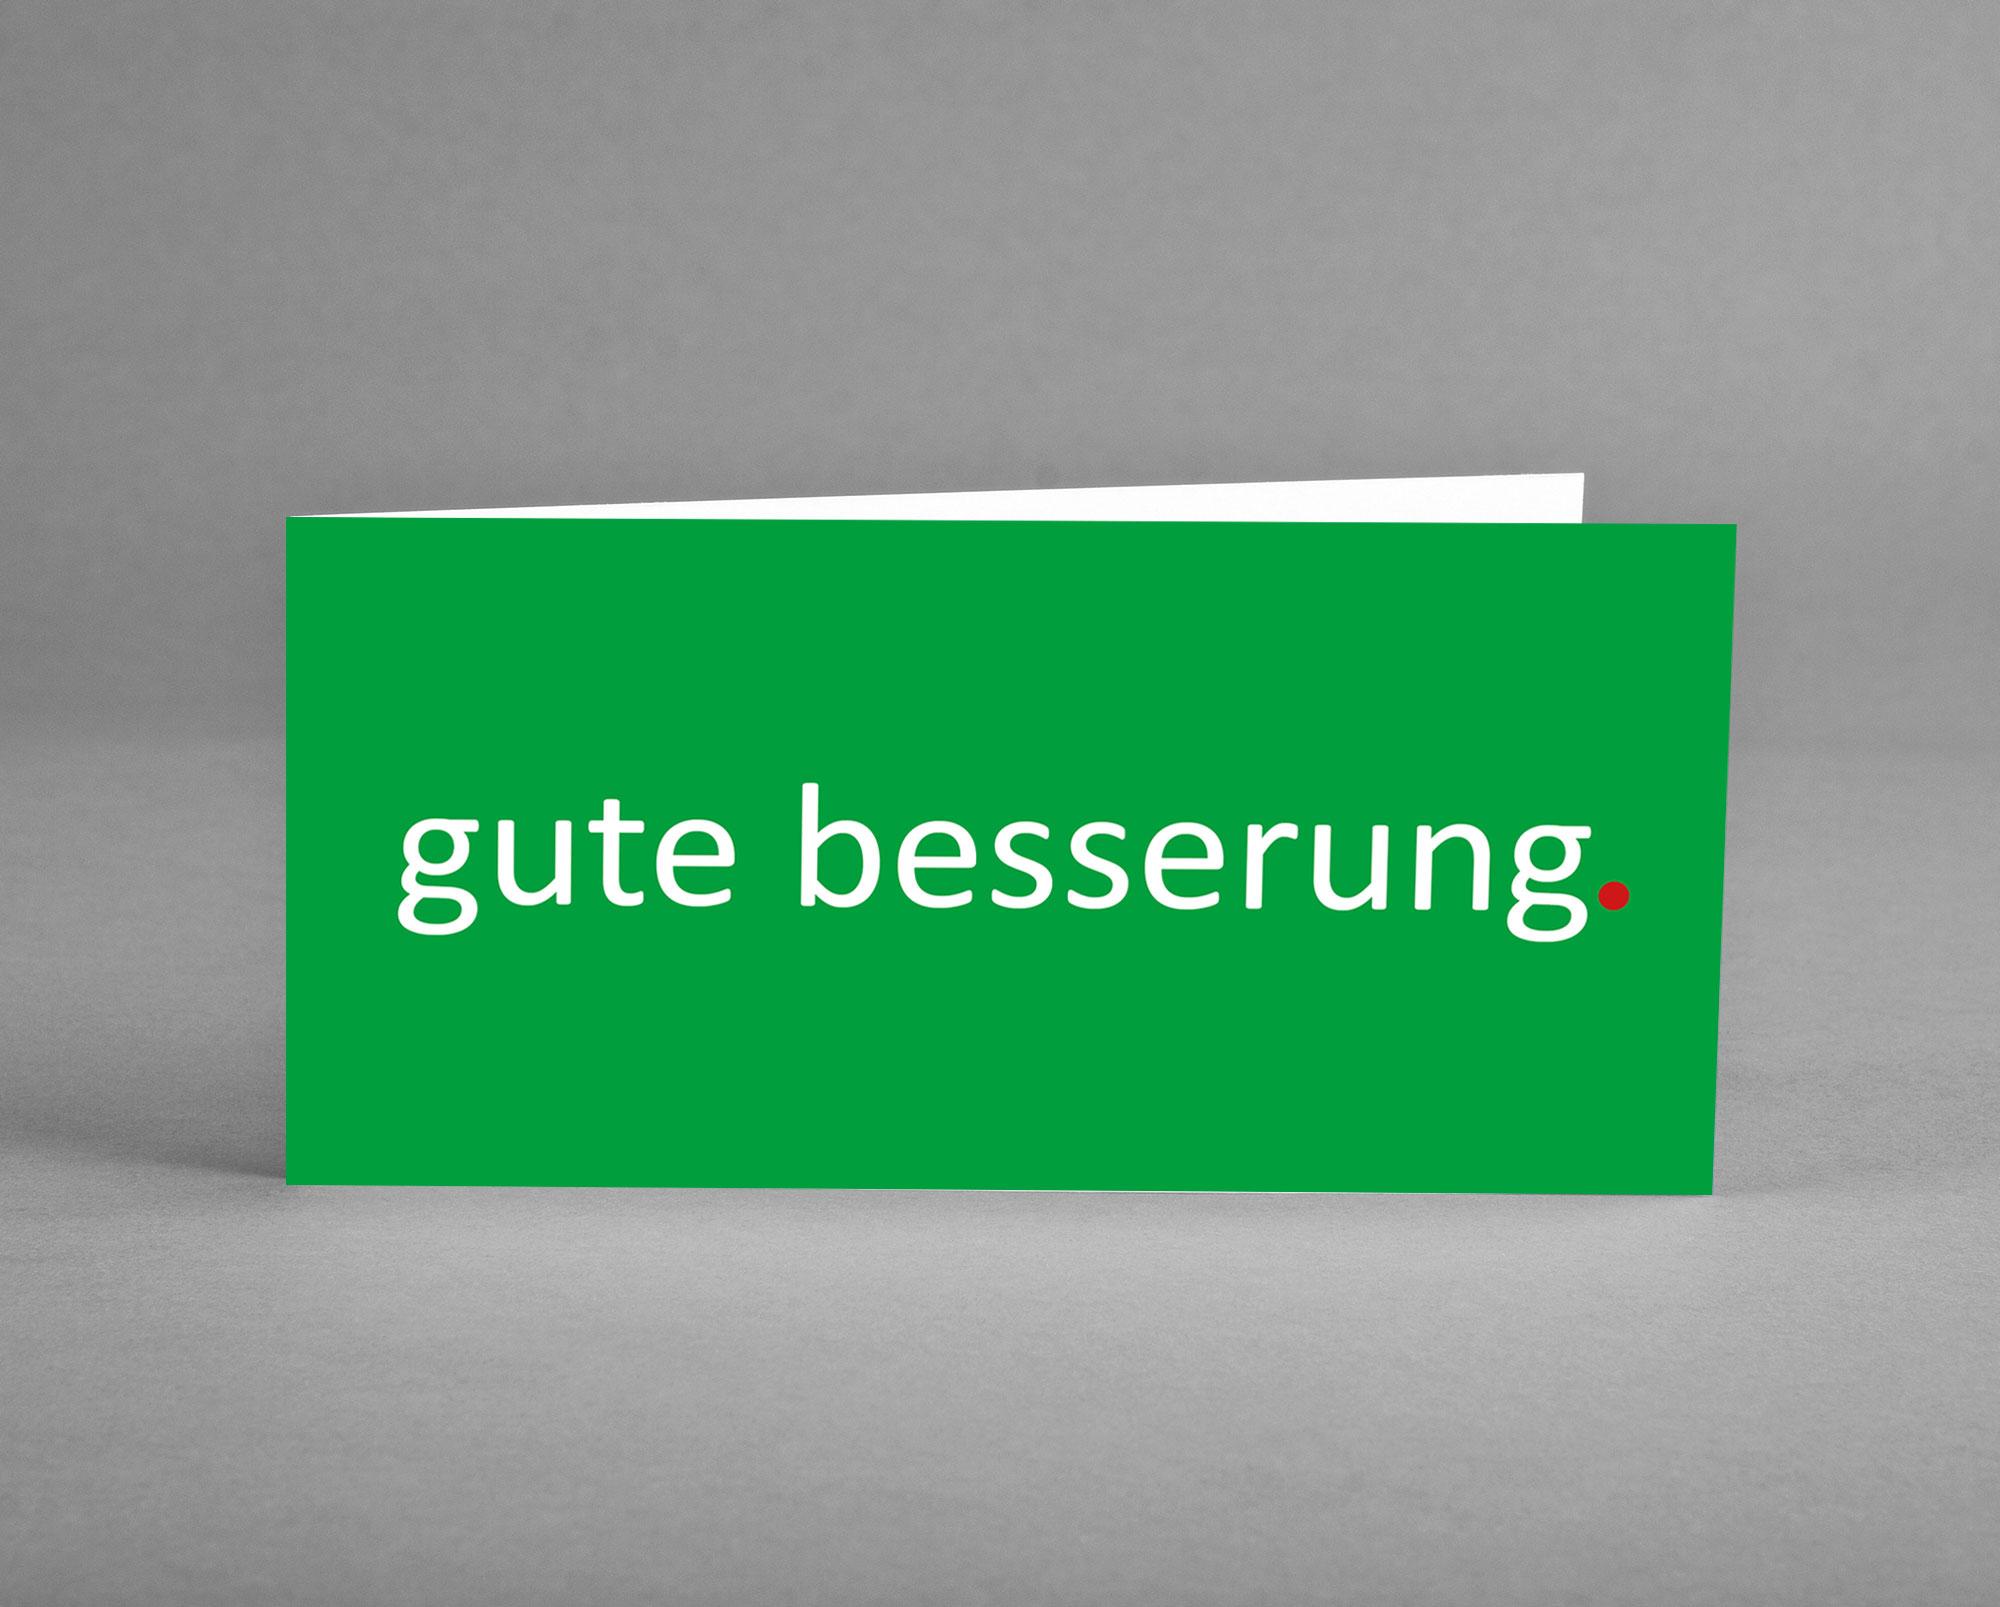 Gute-Besserung_gr-n_grusskarten-design_aussenLBl3FMcgoWxE9